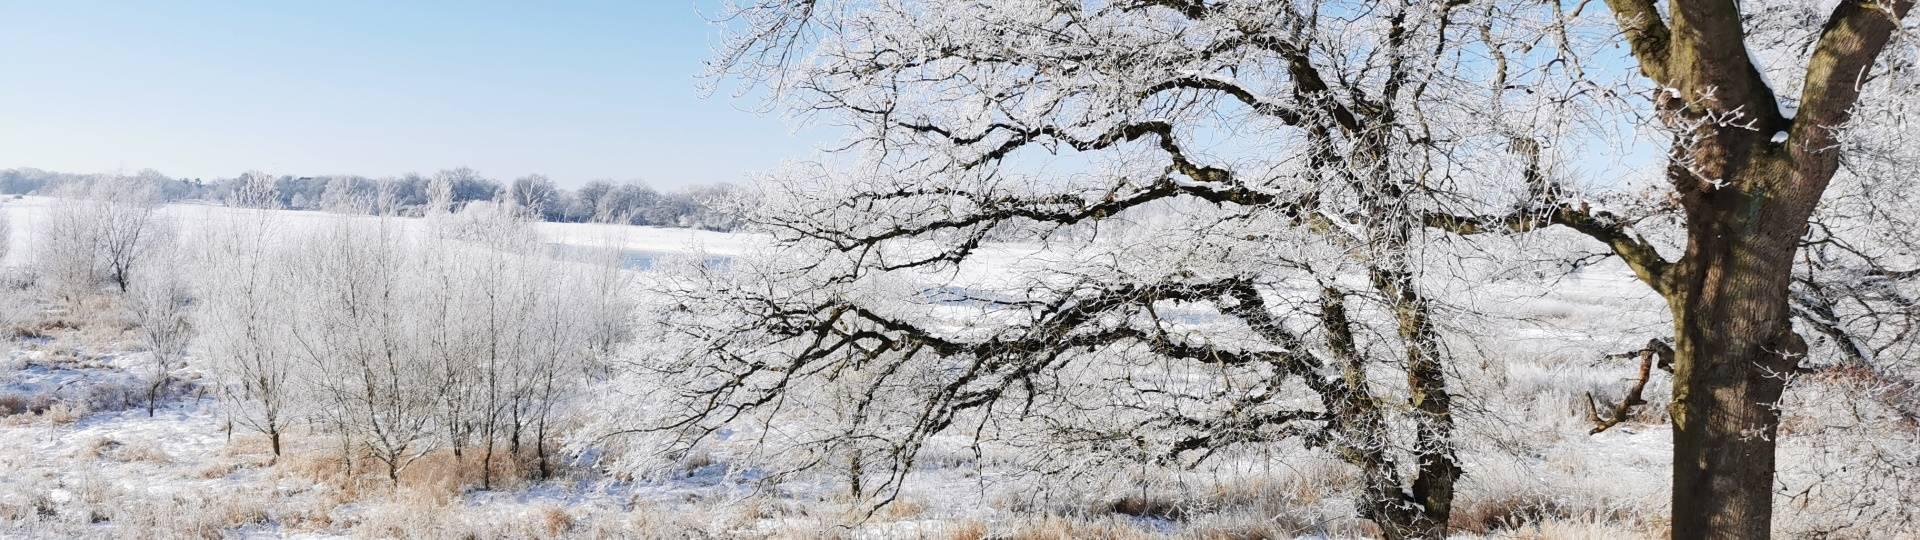 weiße pracht so weit das auge reicht ©Hansestadt Havelberg